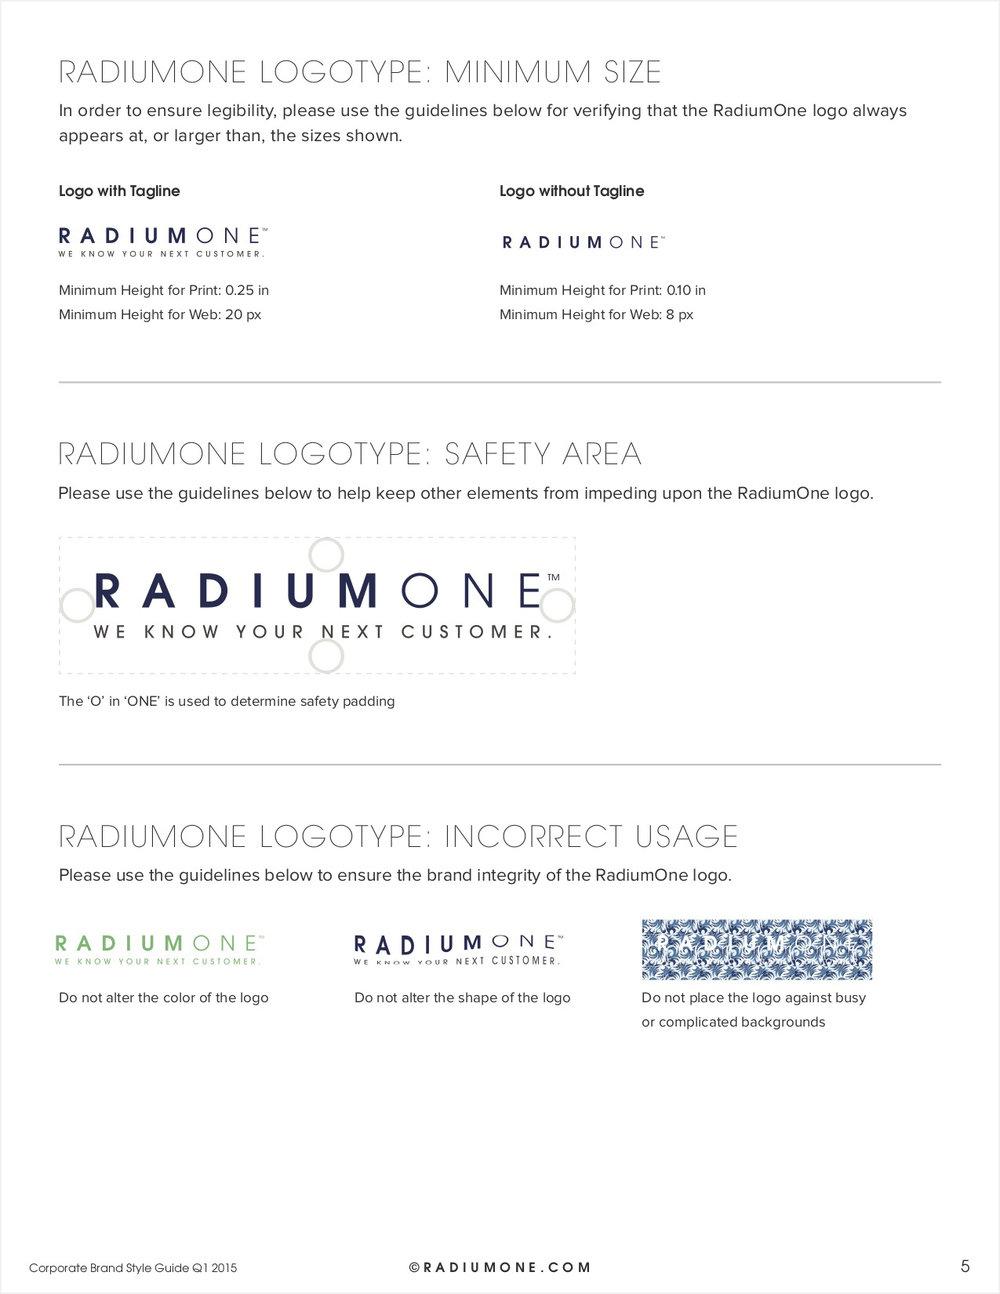 R1-guidelines-logo.jpg